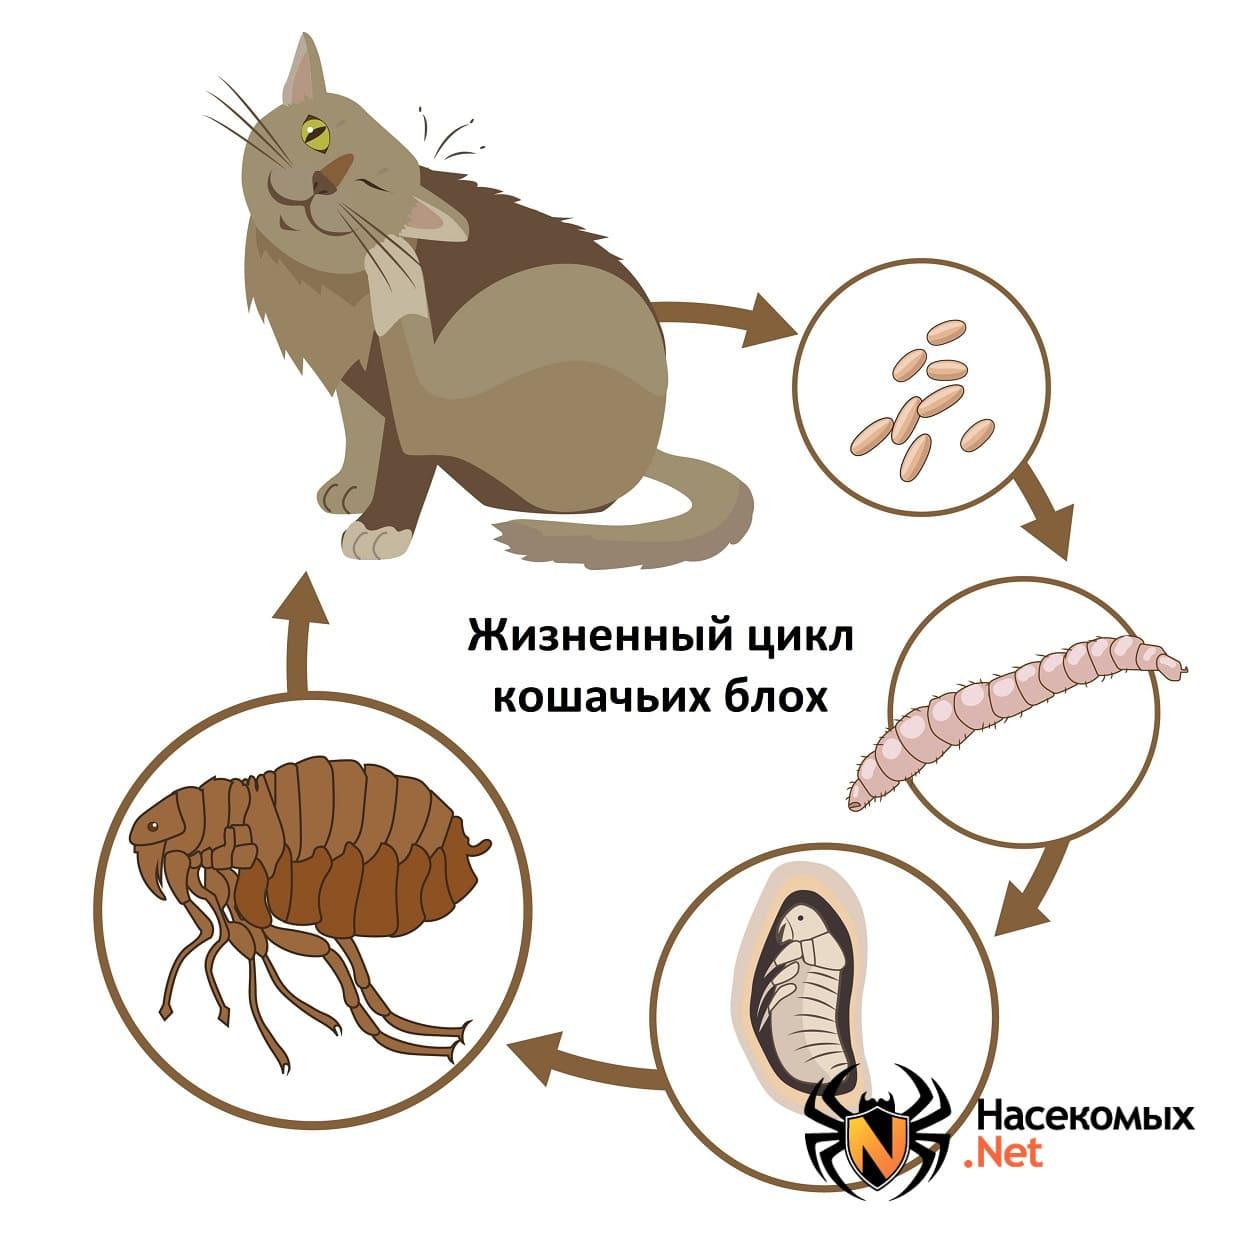 Кошачьи блохи: как избавиться от паразитов без вреда дляживотного